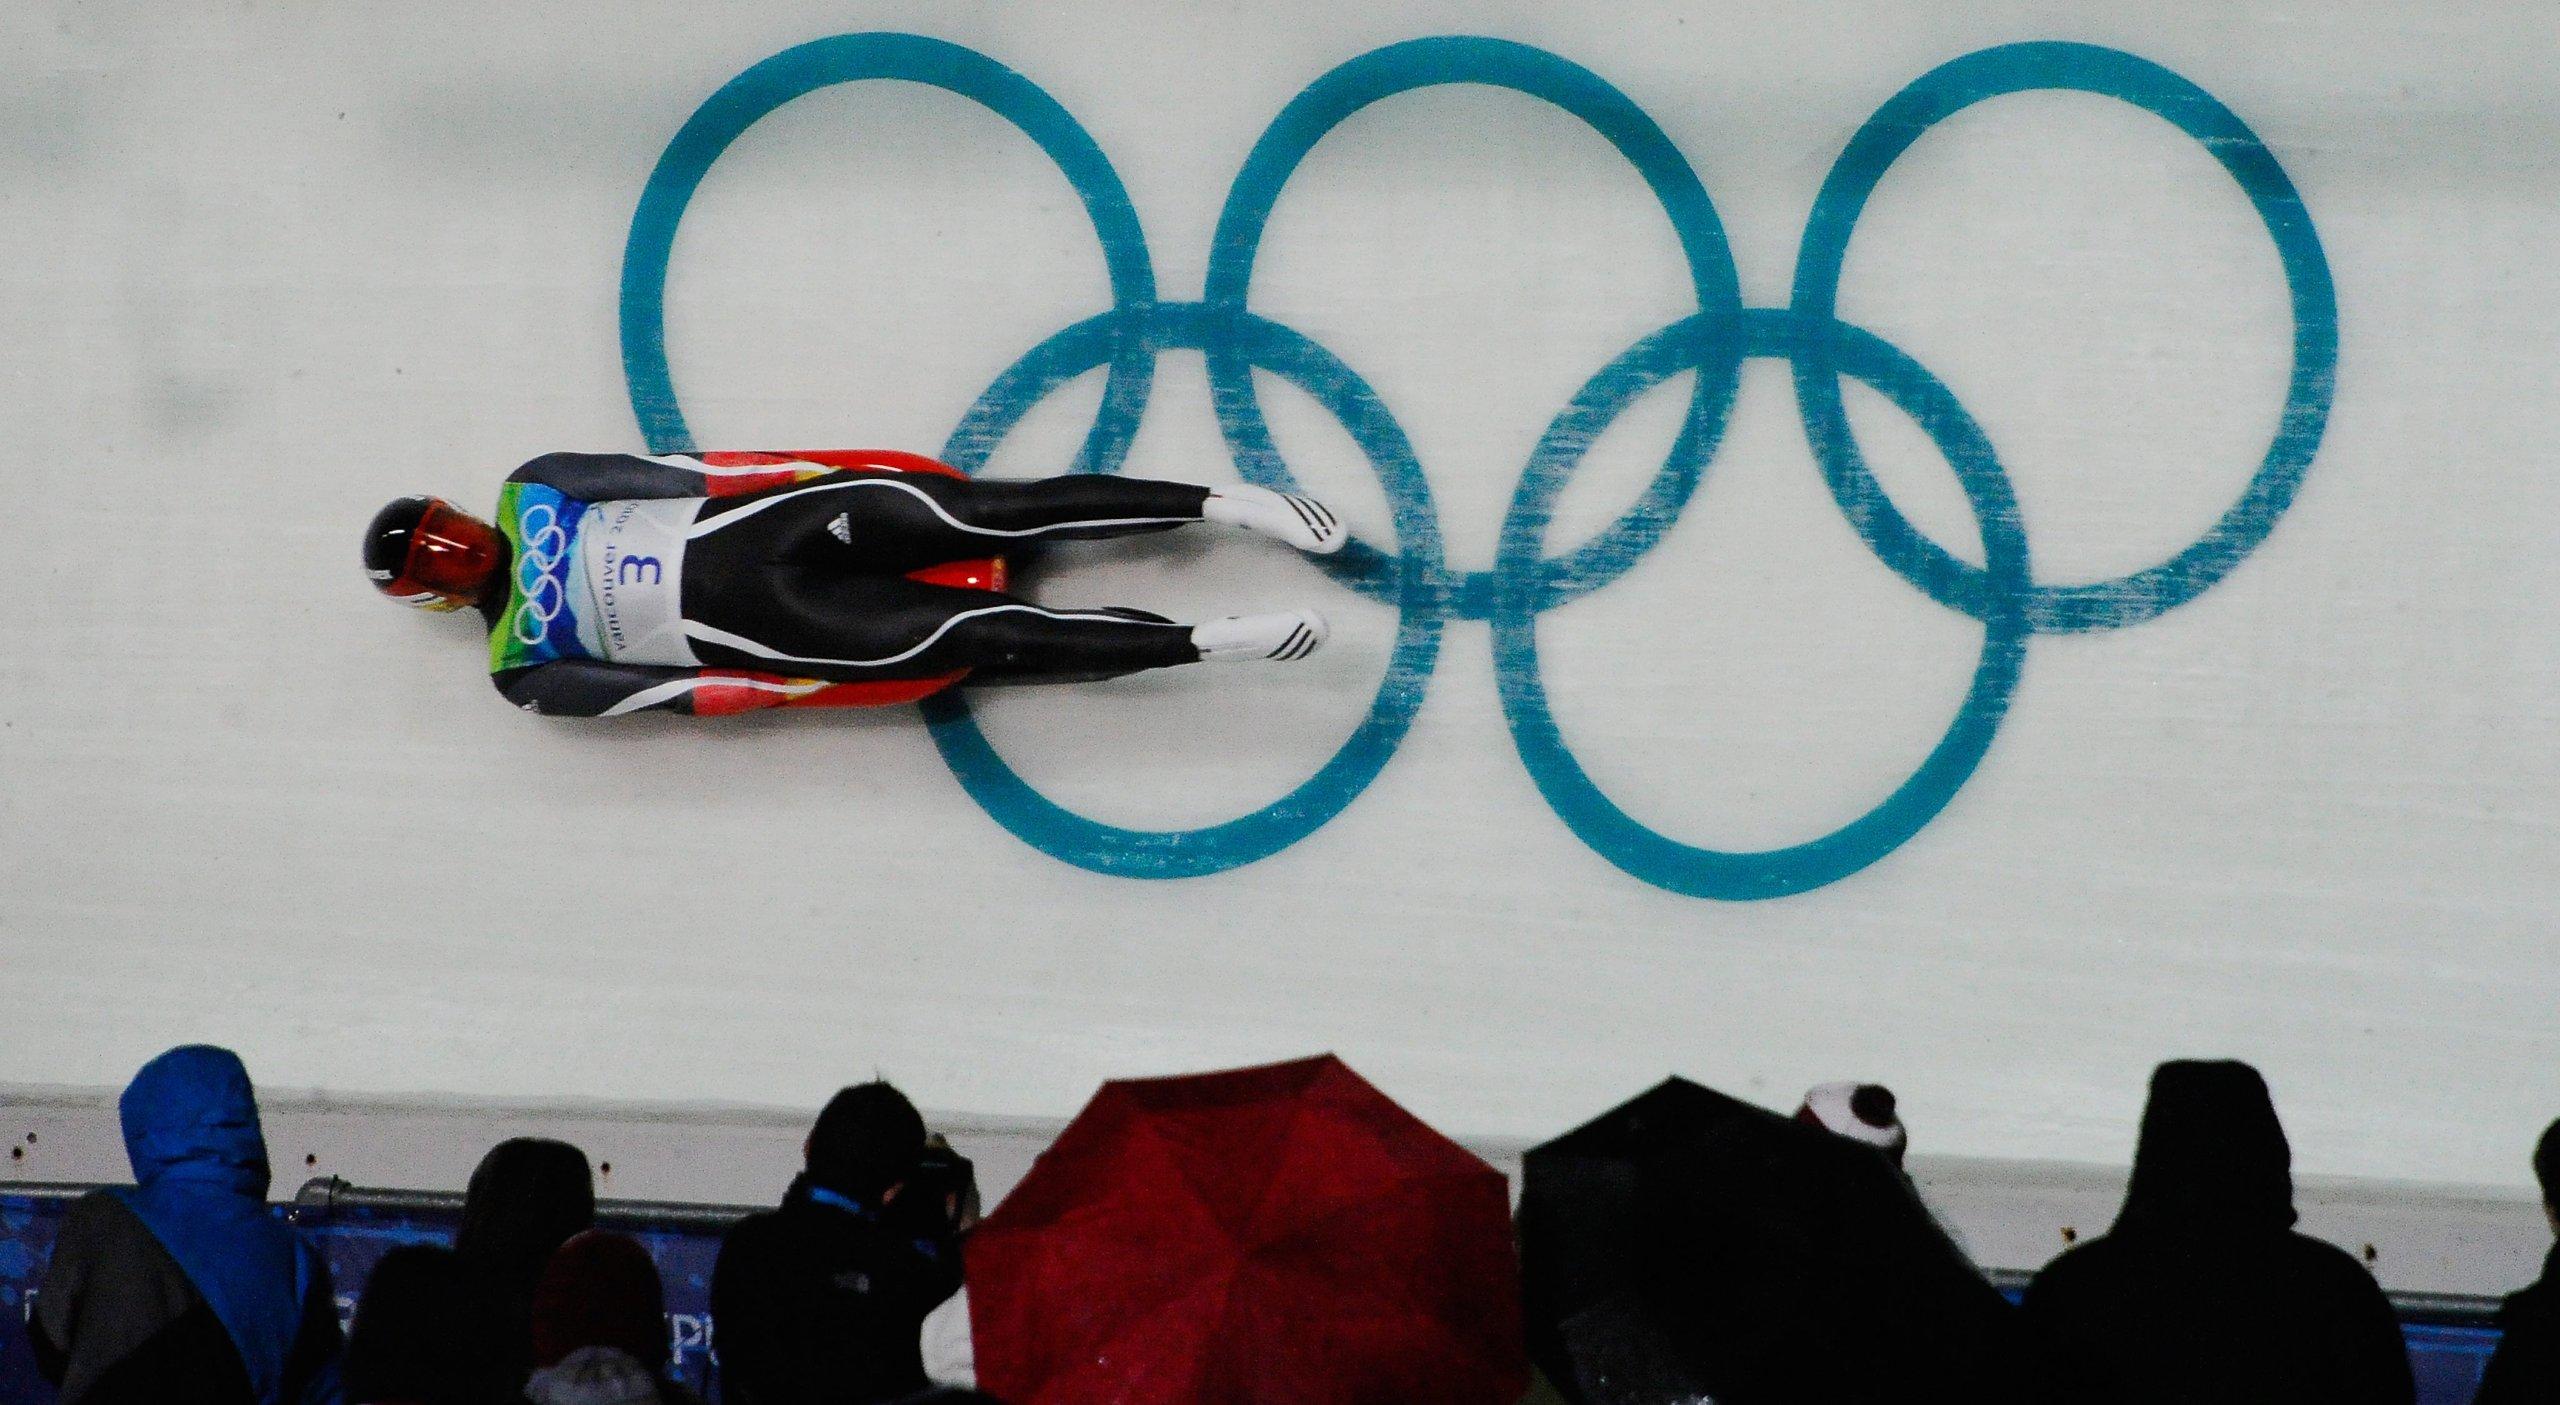 Doppelsieg im Rodeln - Gold und Silber für Deutschland